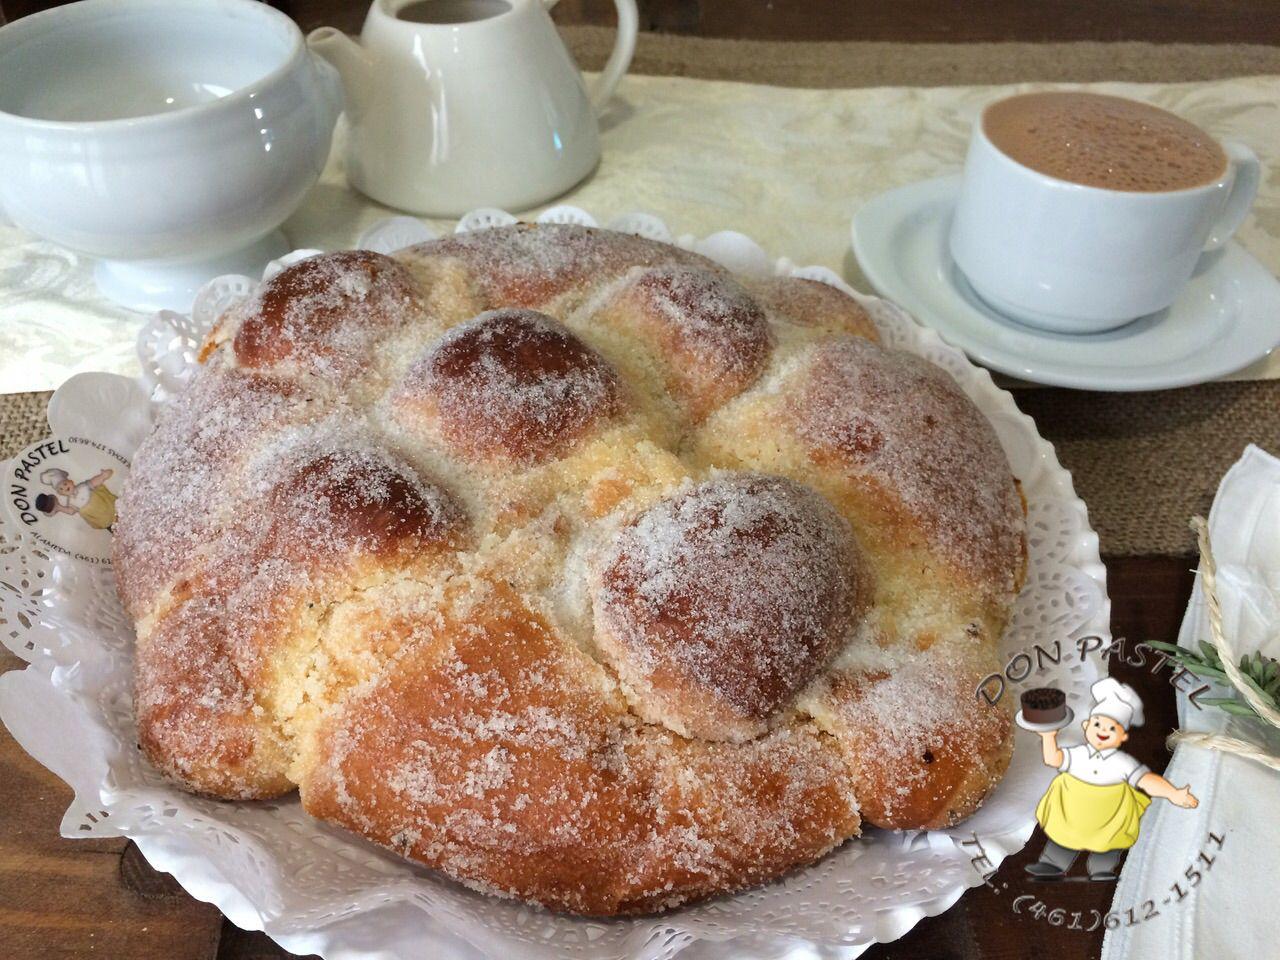 Tradicional Pan de muerto acompañado de un delicioso chocolate caliente. www.donpastel.com